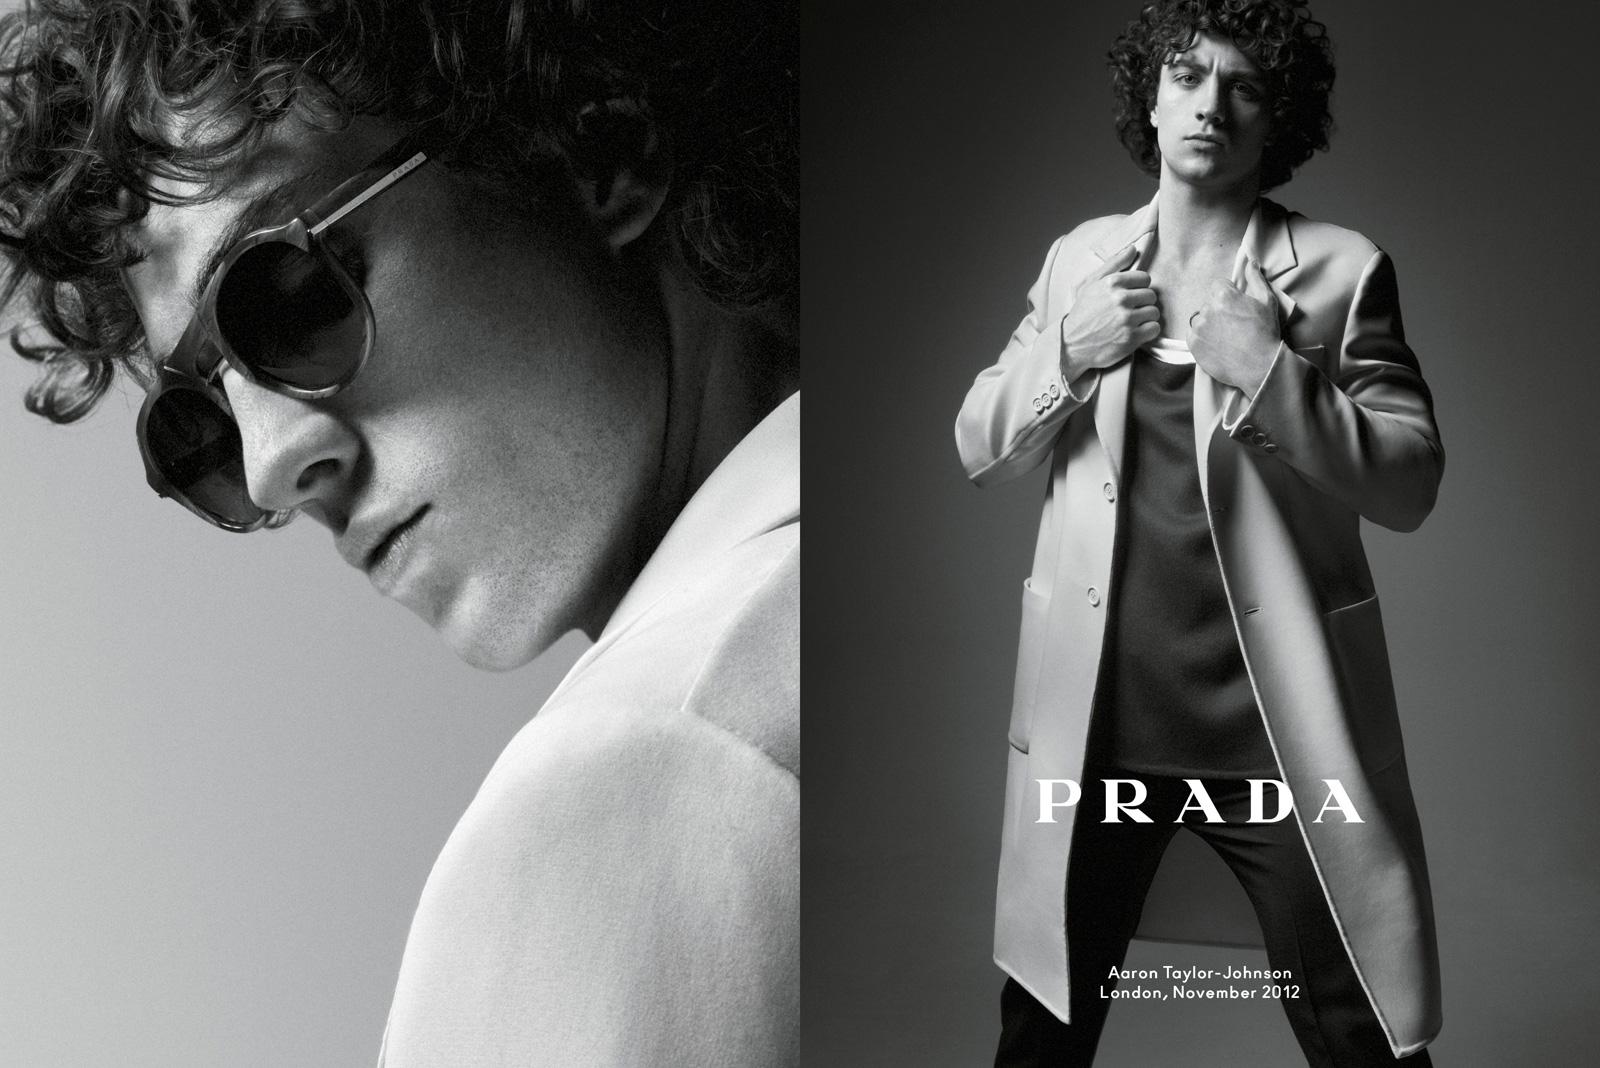 07e85c3f22d8 Prada Spring Summer 2013 Ad Campaign